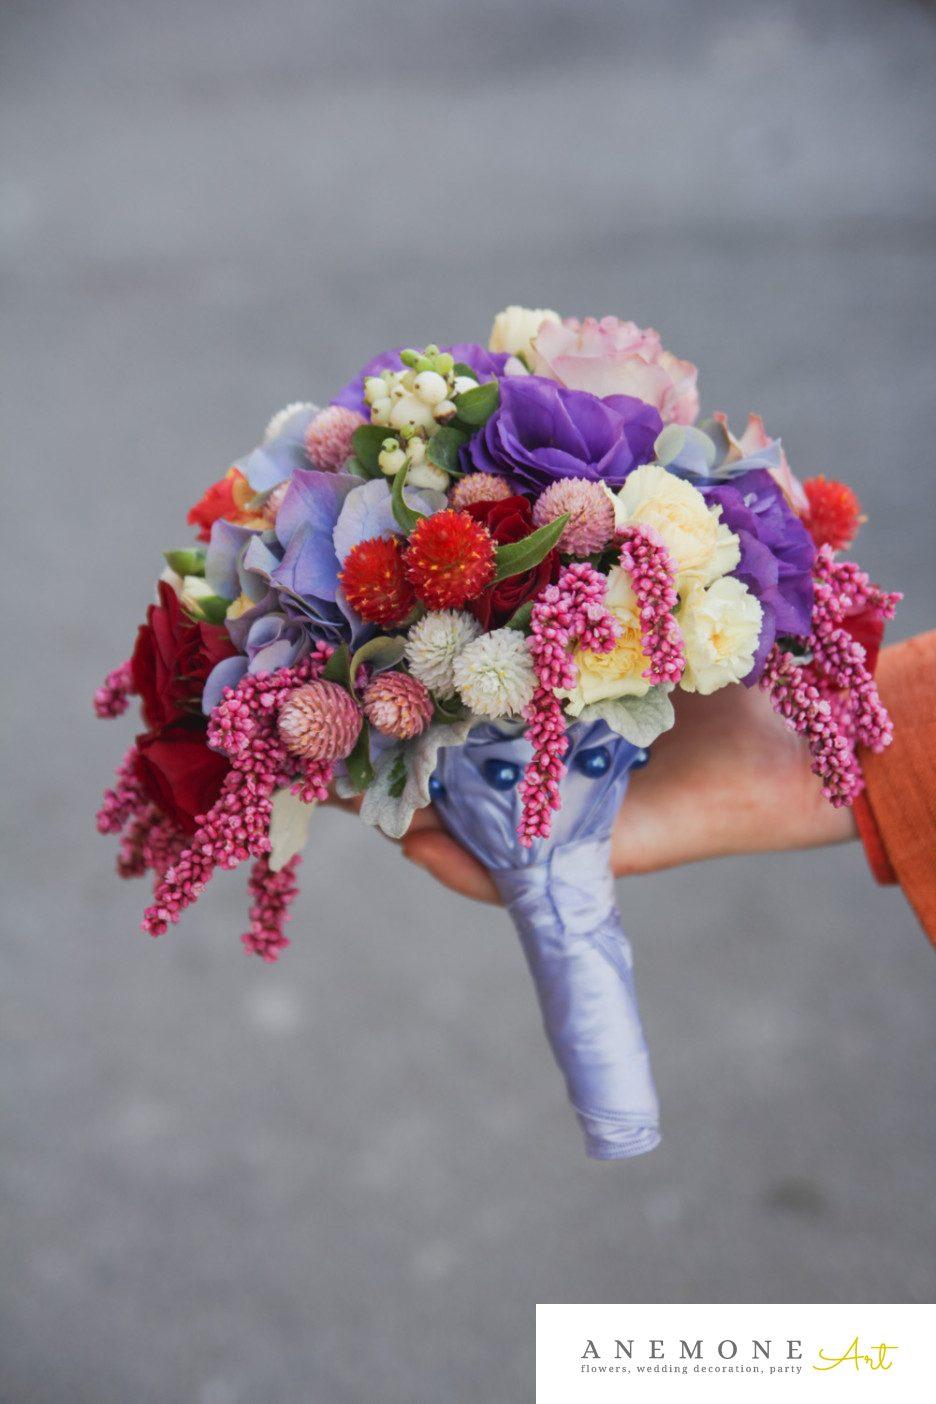 Poza, foto cu Flori de nunta buchet mireasa, mov, multicolor in Arad, Timisoara, Oradea (wedding flowers, bouquets) nunta Arad, Timisoara, Oradea